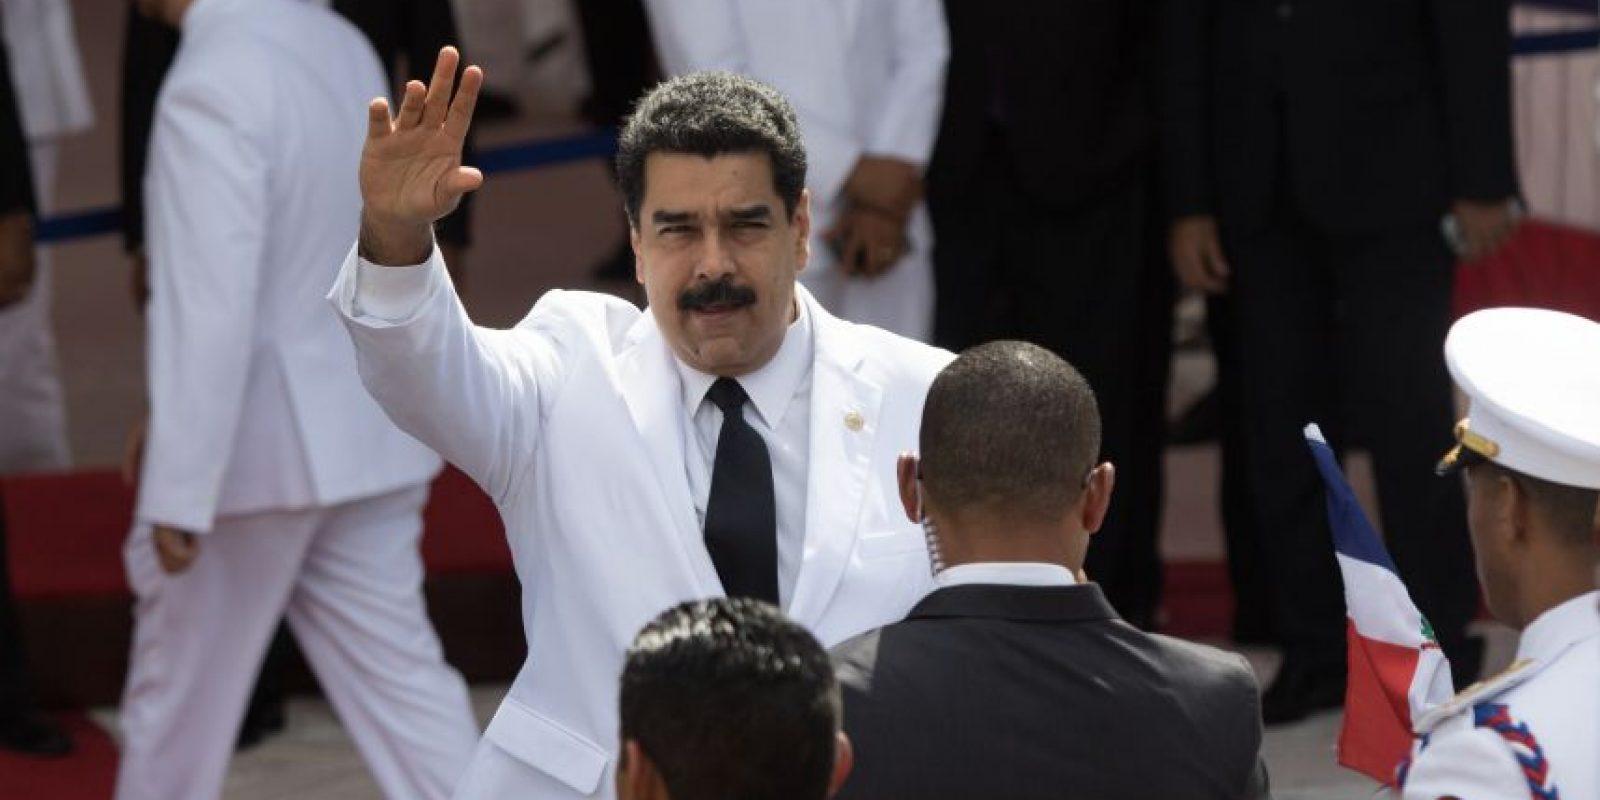 El presidente venezolano Nicolás Maduro llegó de un impecable blanco, al igual que danilo medina. fue uno de los presidentes que más expectación generó con su presencia en suelo dominicano. Foto:Roberto Guzmán